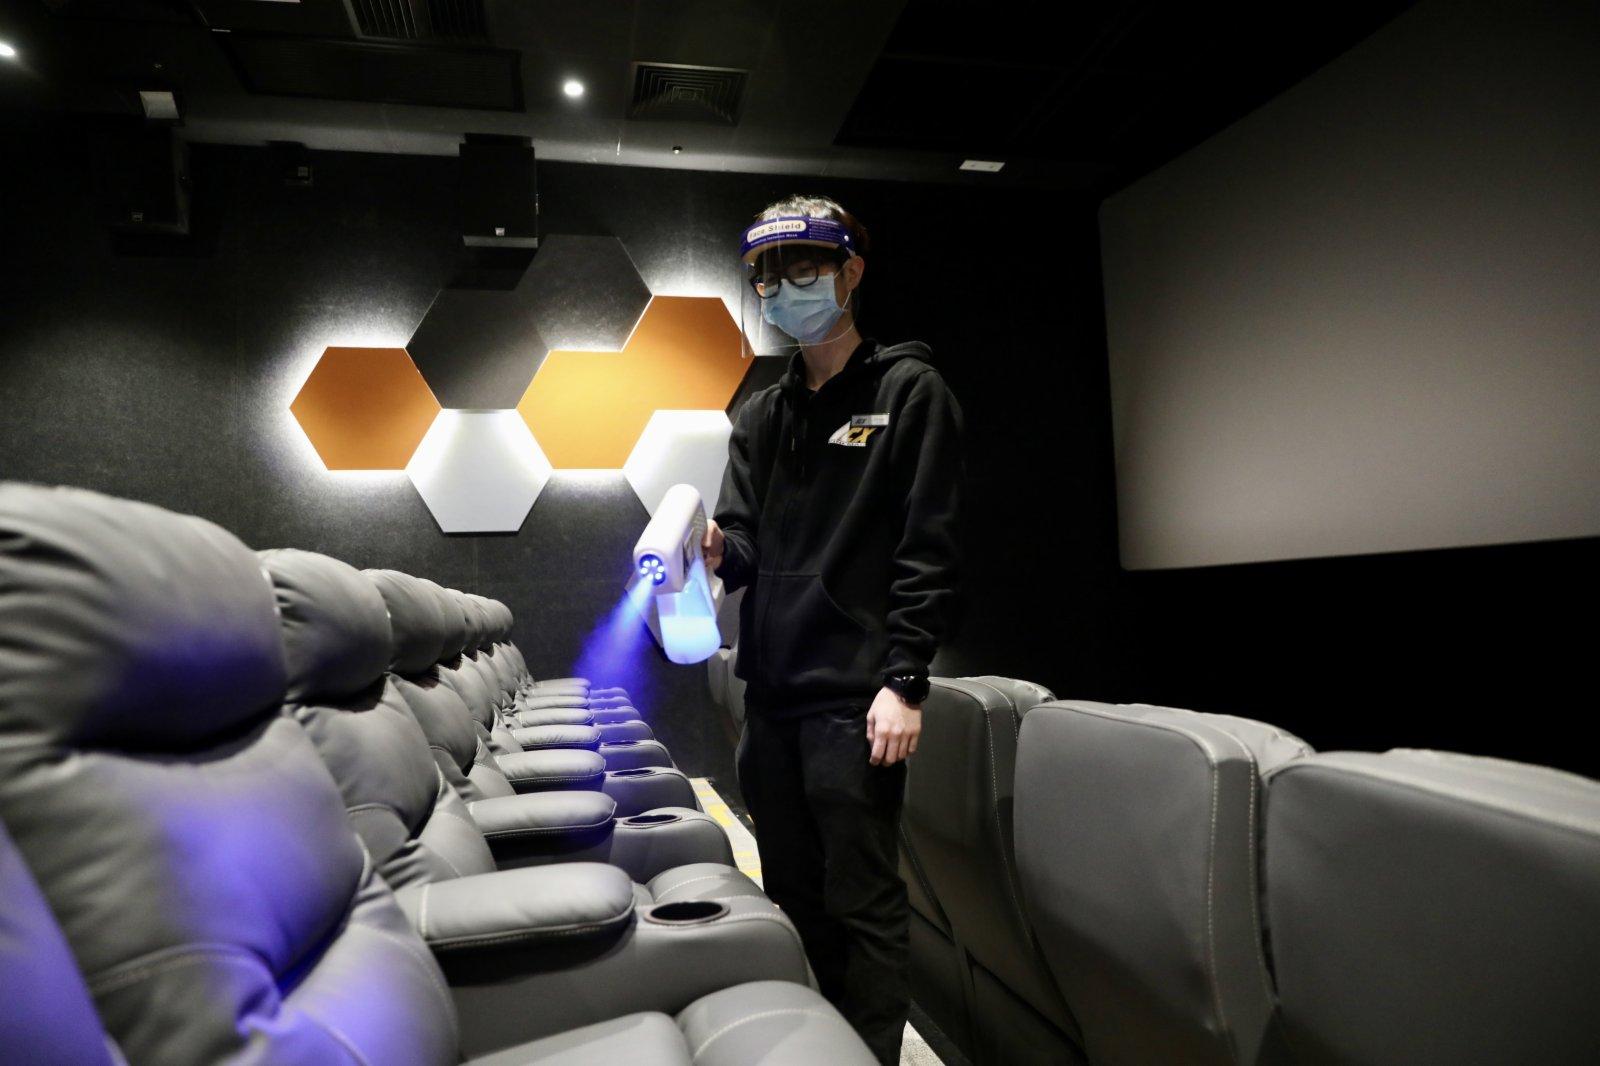 戲院亦有採取防疫措施,例如加強消毒清潔等。  (大公文匯全媒體記者 攝)